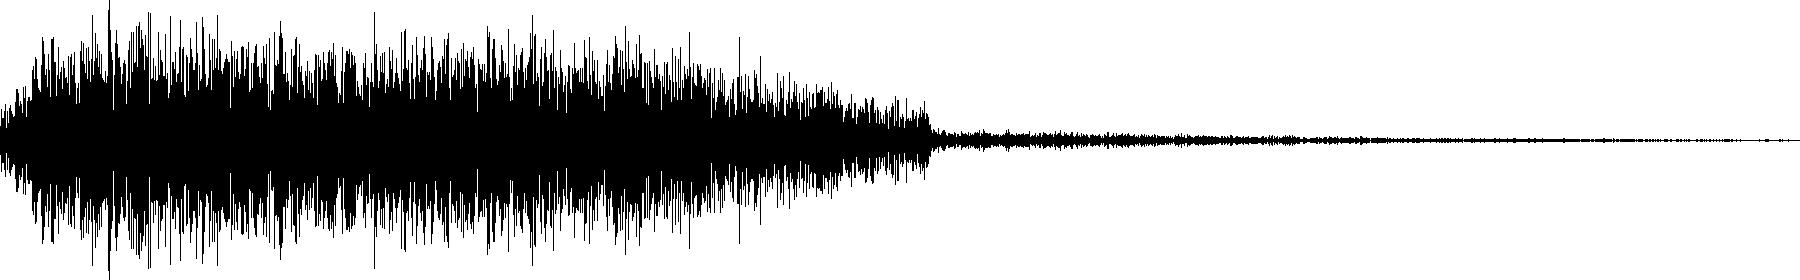 veh2 synths   013 c